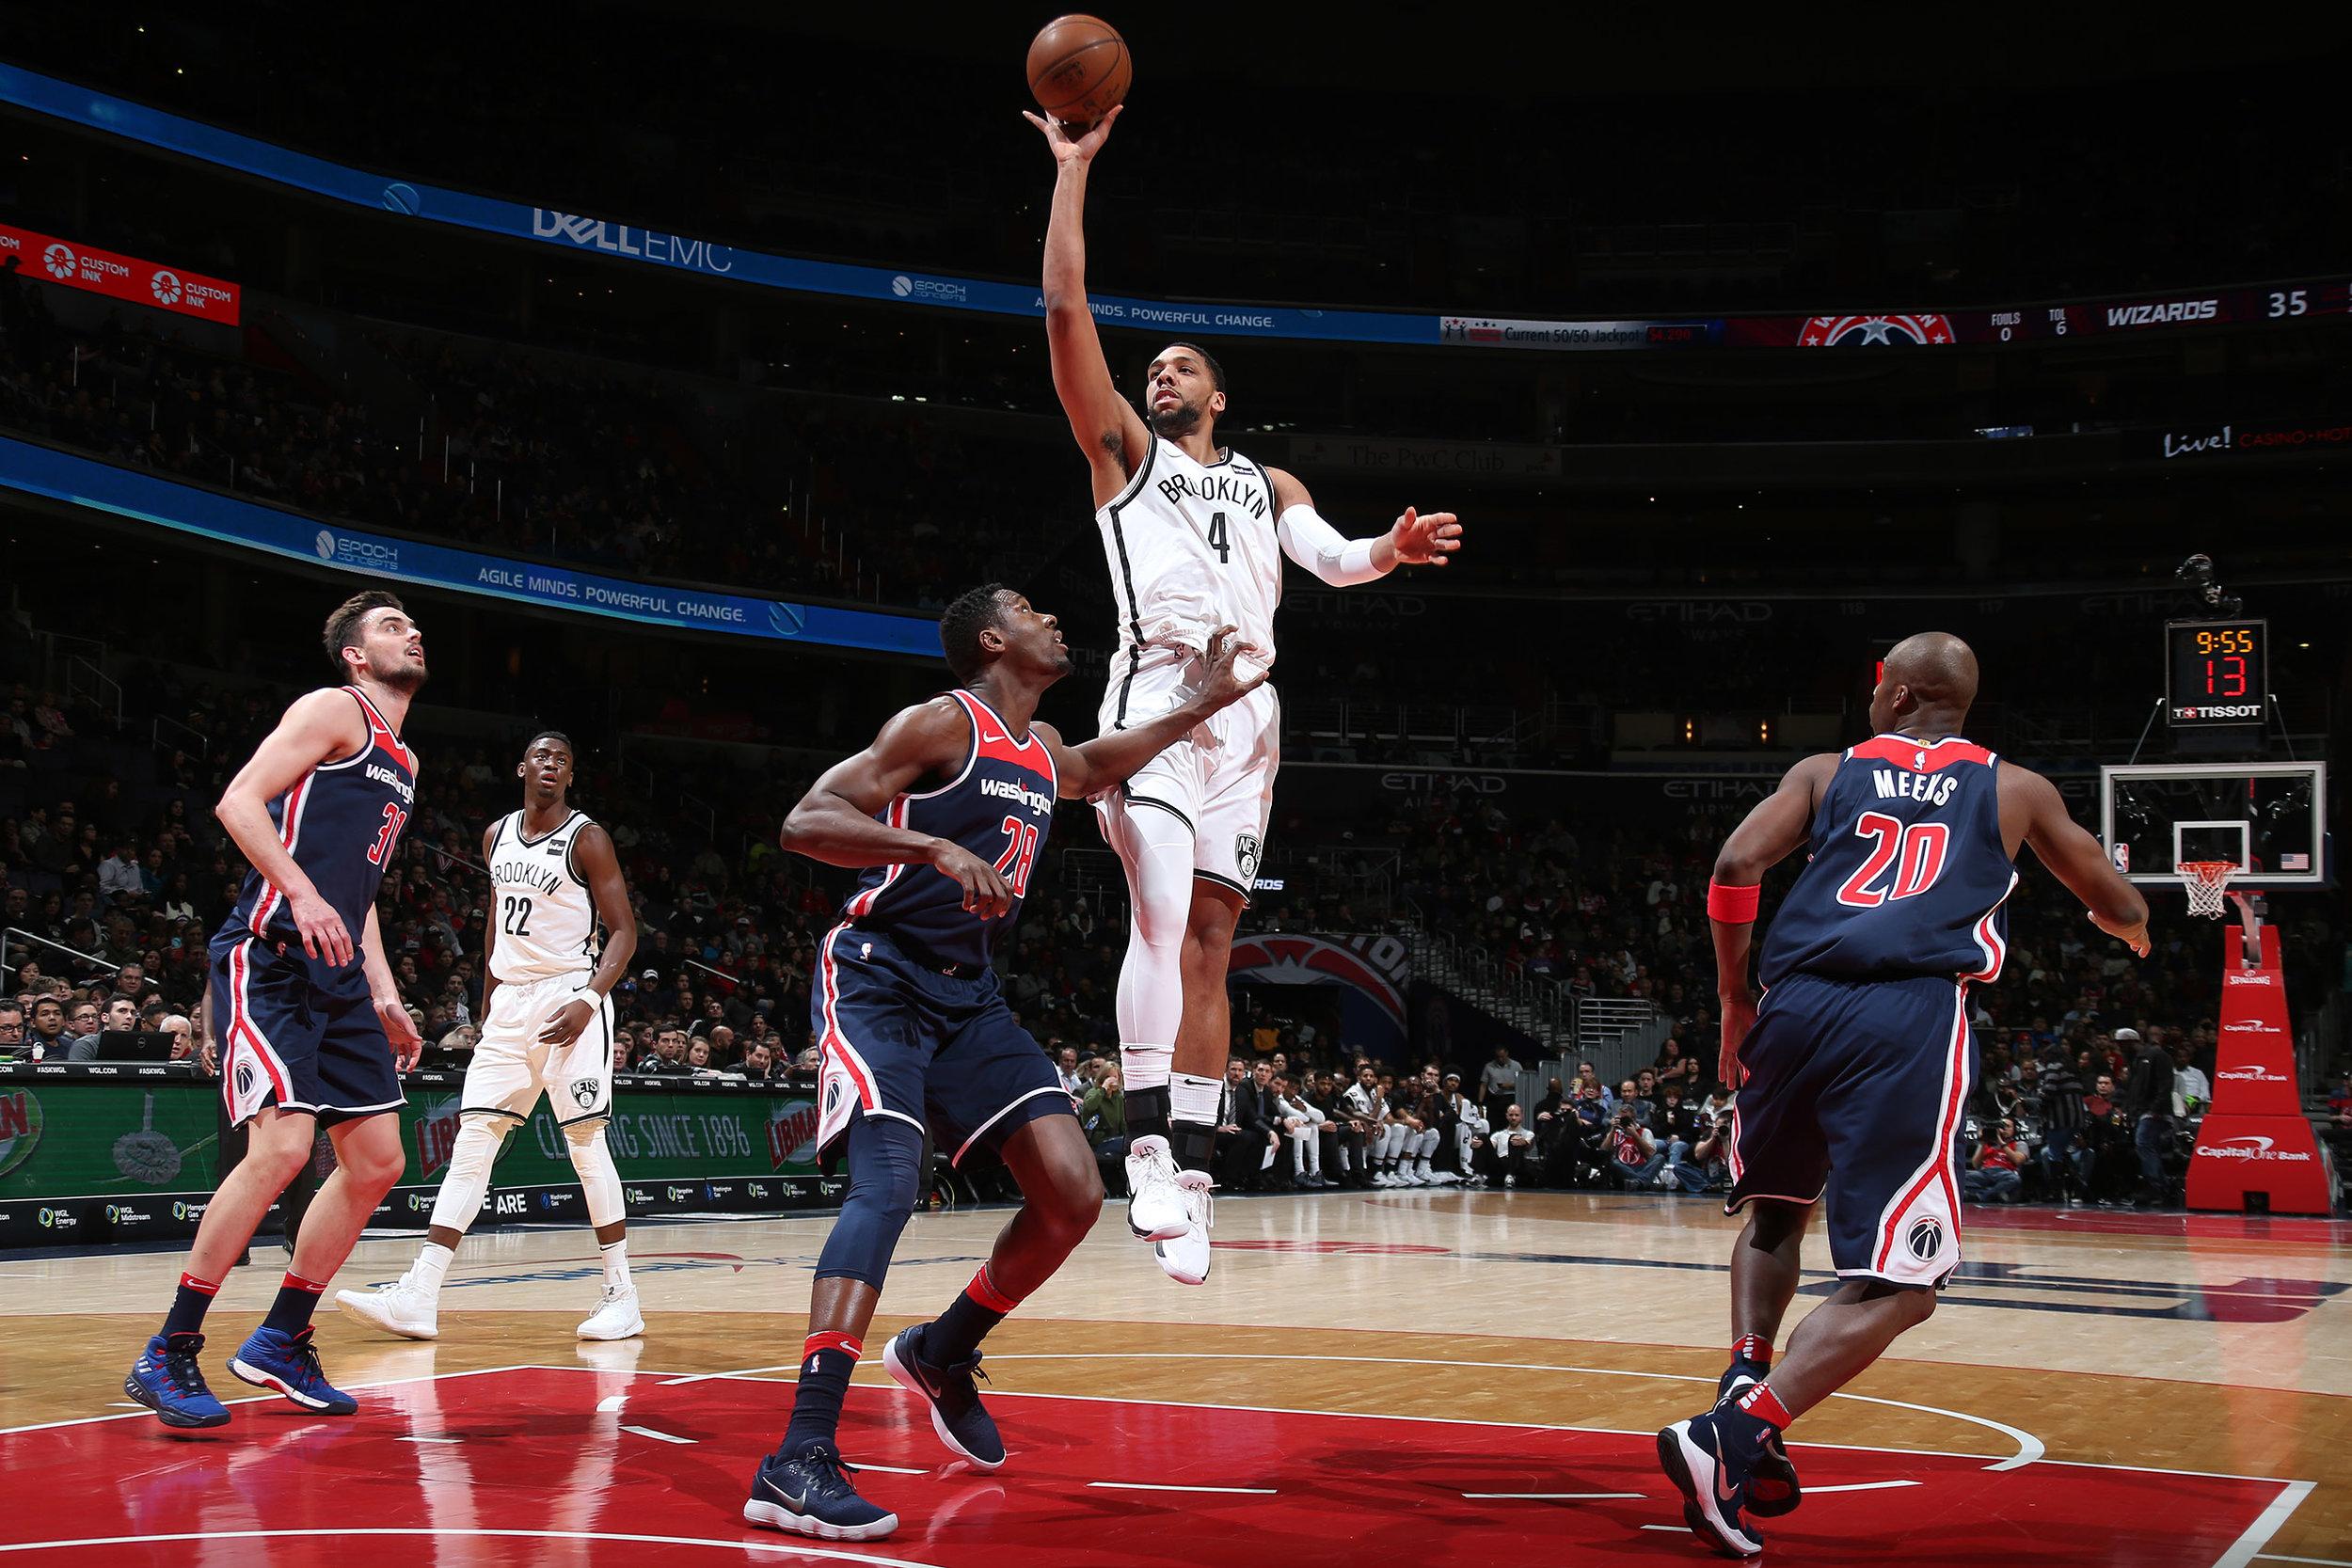 Brooklyn-Nets-Washington-Wizards-20180113-02.JPG